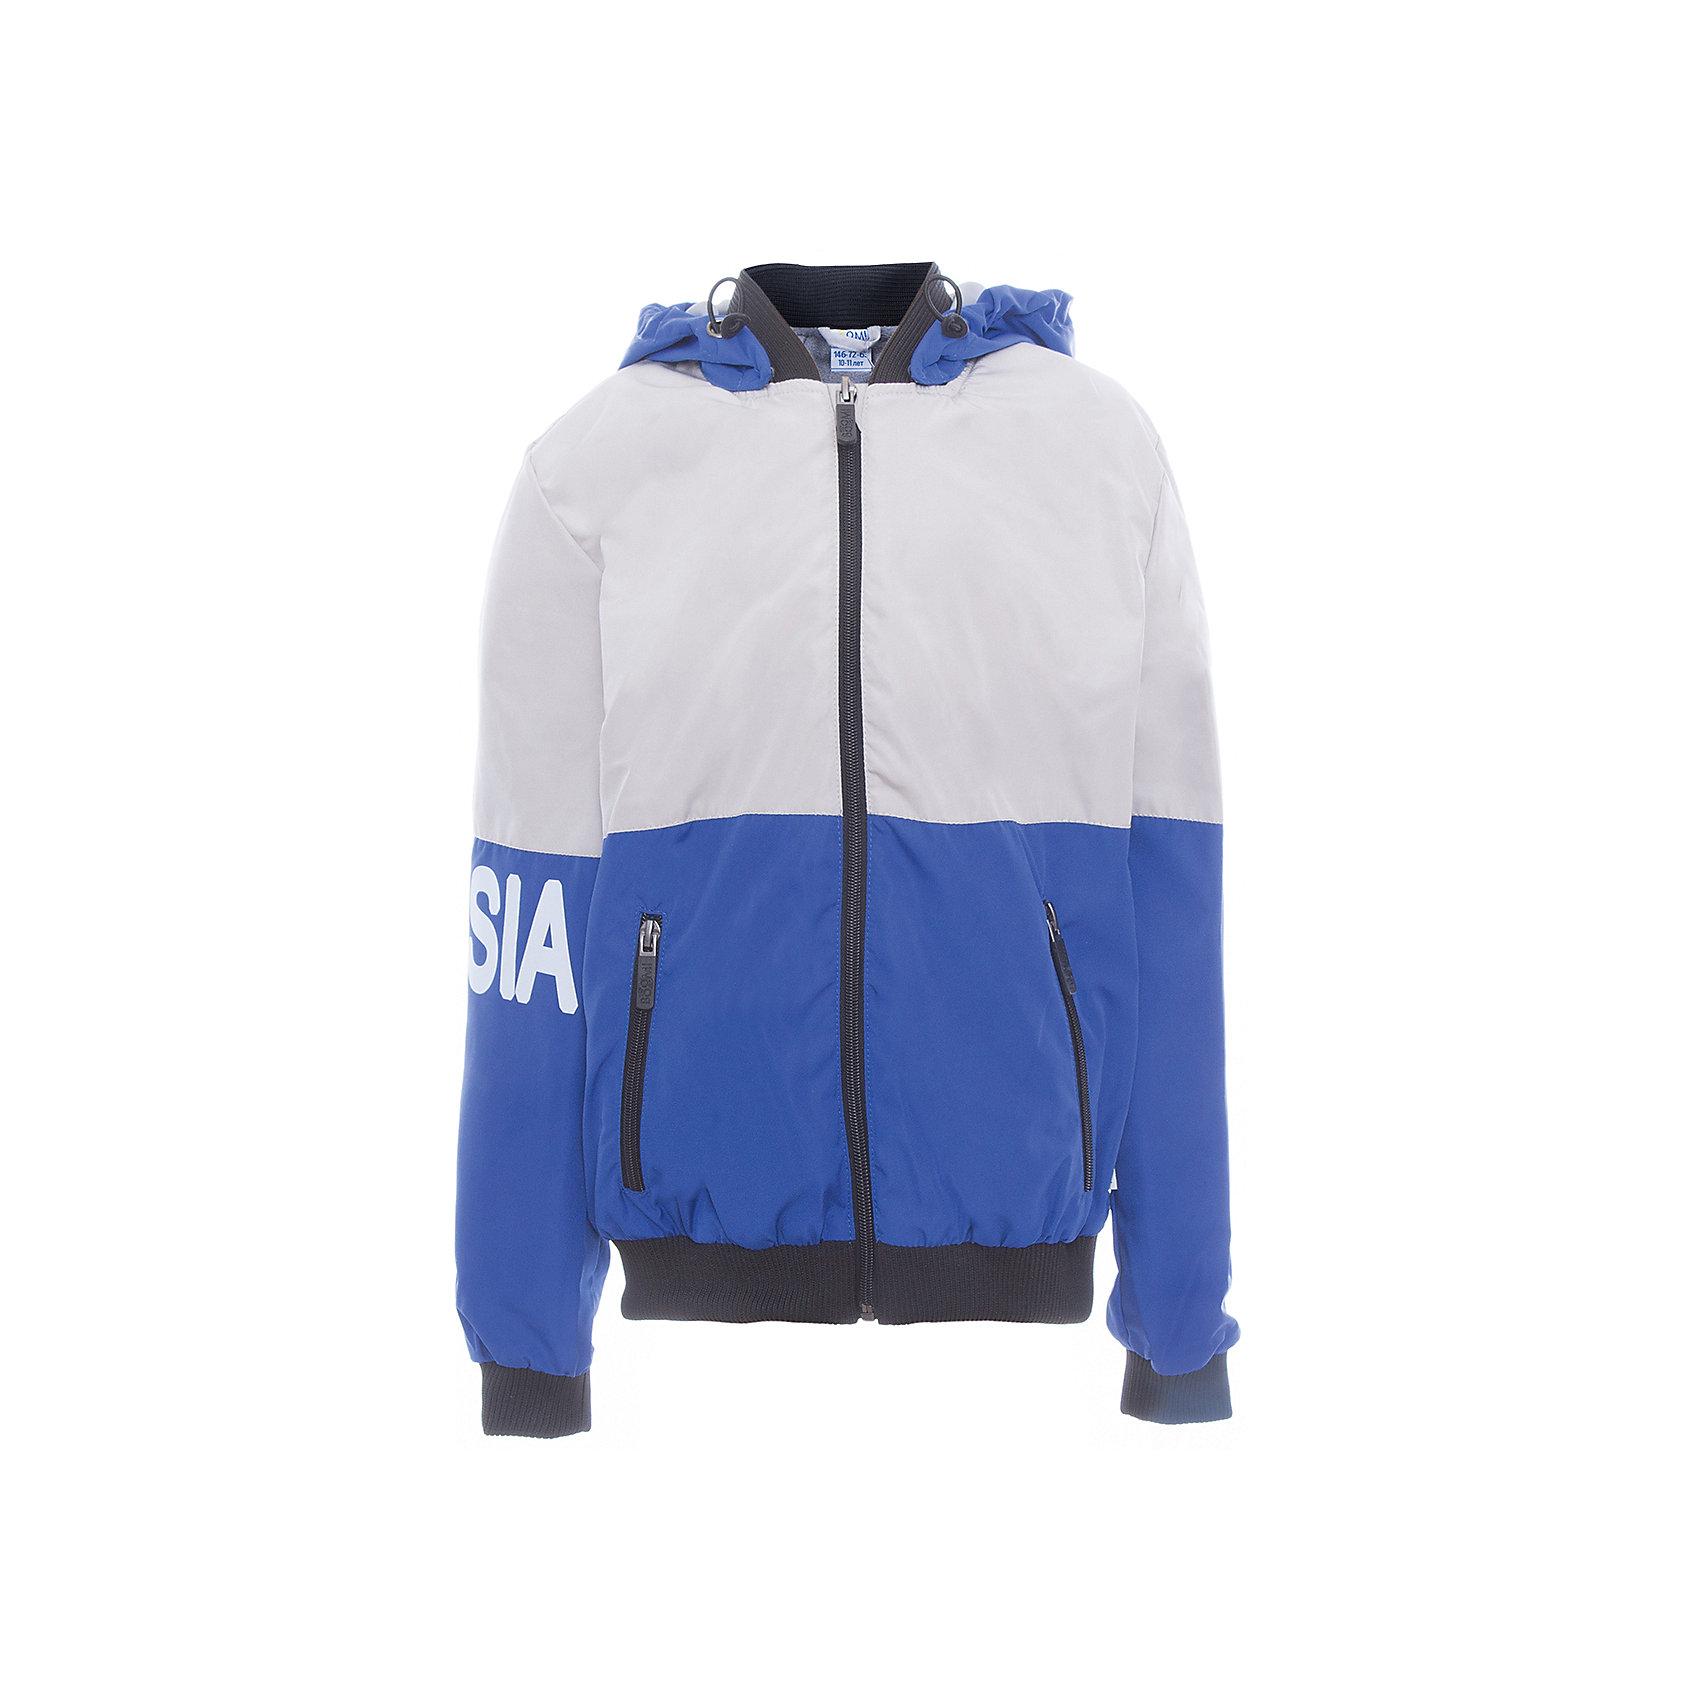 Куртка для мальчика BOOM by OrbyХарактеристики товара:<br><br>• цвет: синий<br>• состав: верх - Pronto pu, подкладка - полиэстер, флис, без утеплителя<br>• температурный режим: от +5°до +15°С<br>• демисезон<br>• капюшон<br>• застежка - молния<br>• эластичные манжеты<br>• принт<br>• карманы<br>• комфортная посадка<br>• страна производства: Российская Федерация<br>• страна бренда: Российская Федерация<br>• коллекция: весна-лето 2017<br><br>Такая куртка - универсальный вариант для теплого межсезонья с постоянно меняющейся погодой. Эта модель - модная и удобная одновременно! Изделие отличается стильным ярким дизайном. Куртка хорошо сидит по фигуре, отлично сочетается с различным низом. Вещь была разработана специально для детей.<br><br>Куртку для мальчика для девочки от бренда BOOM by Orby можно купить в нашем интернет-магазине.<br><br>Ширина мм: 356<br>Глубина мм: 10<br>Высота мм: 245<br>Вес г: 519<br>Цвет: серый<br>Возраст от месяцев: 144<br>Возраст до месяцев: 156<br>Пол: Мужской<br>Возраст: Детский<br>Размер: 158,104,110,98,116,122,128,134,140,146,152<br>SKU: 5342886